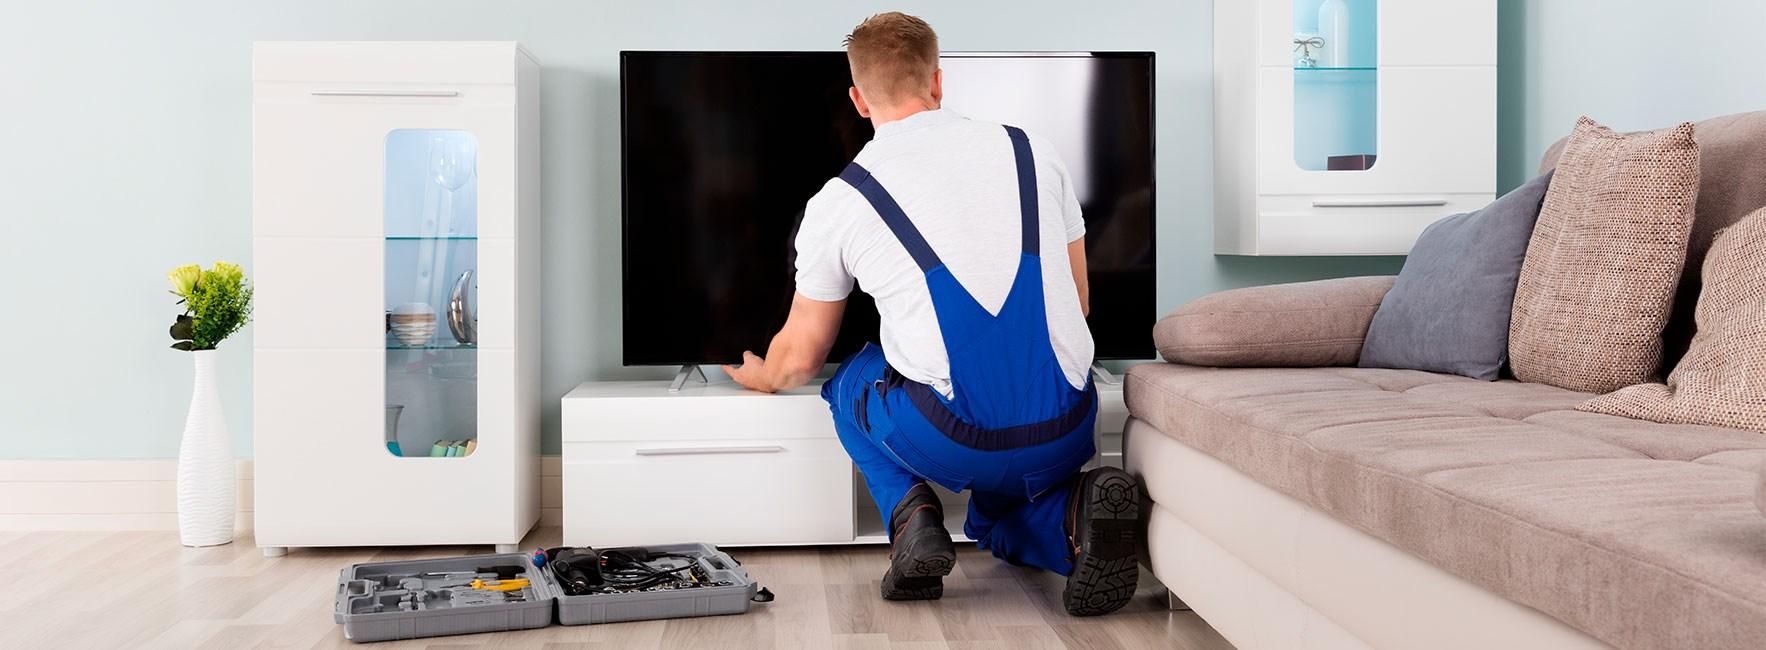 Placering av TV